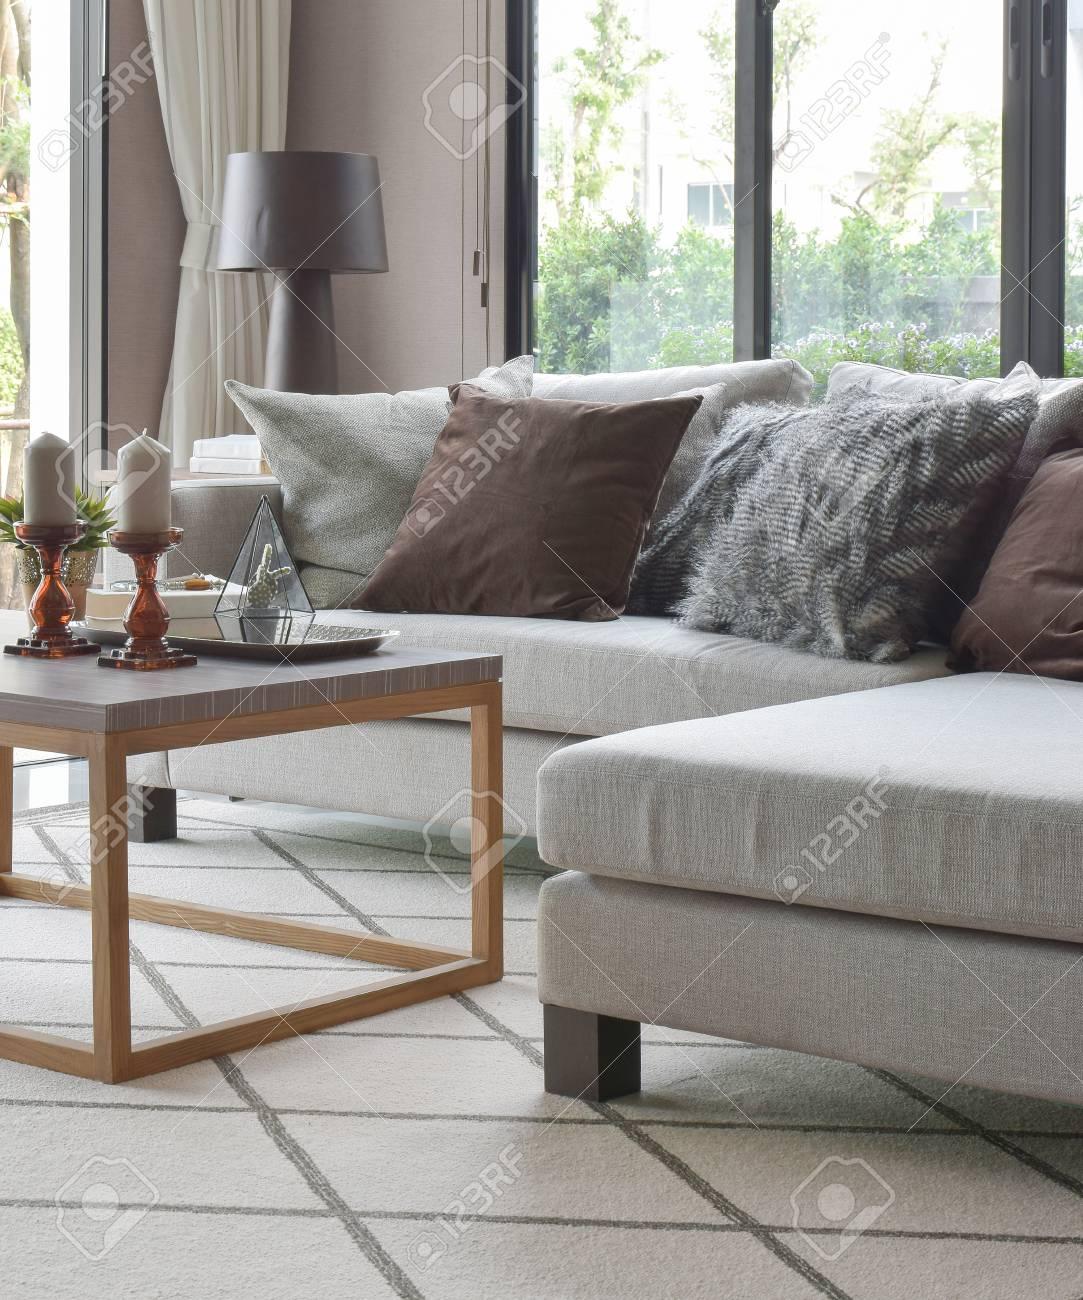 Banque Du0027images   Oreillers Marron Et Gris Sur Un Canapé Beige Et Table En  Bois Dans Un Salon Moderne